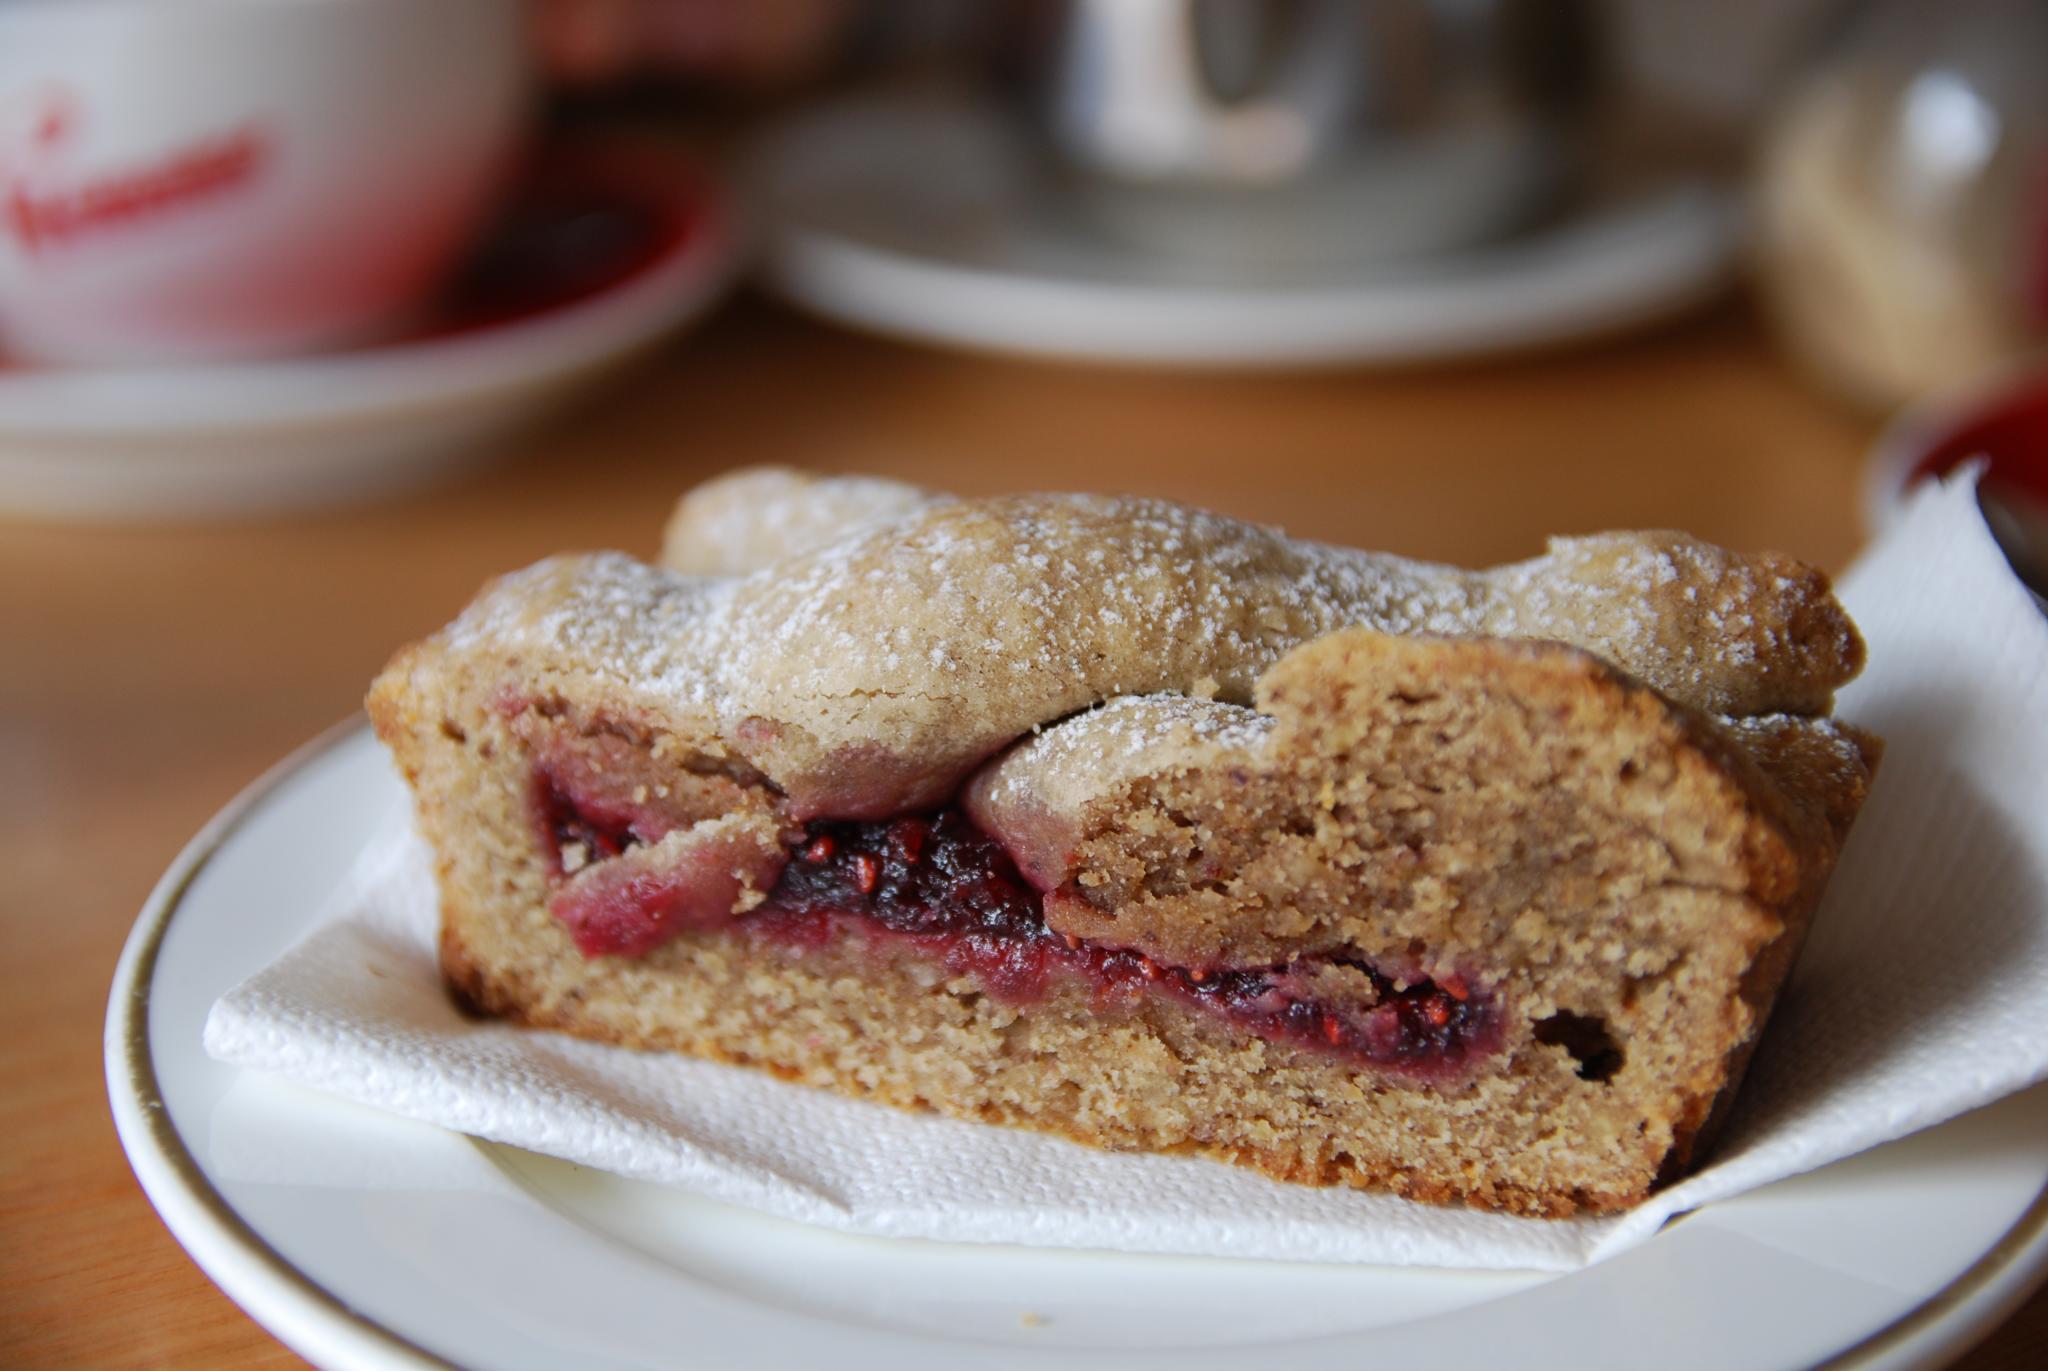 FileLinzer Torte at Hawthorn Victoria bakeryjpg